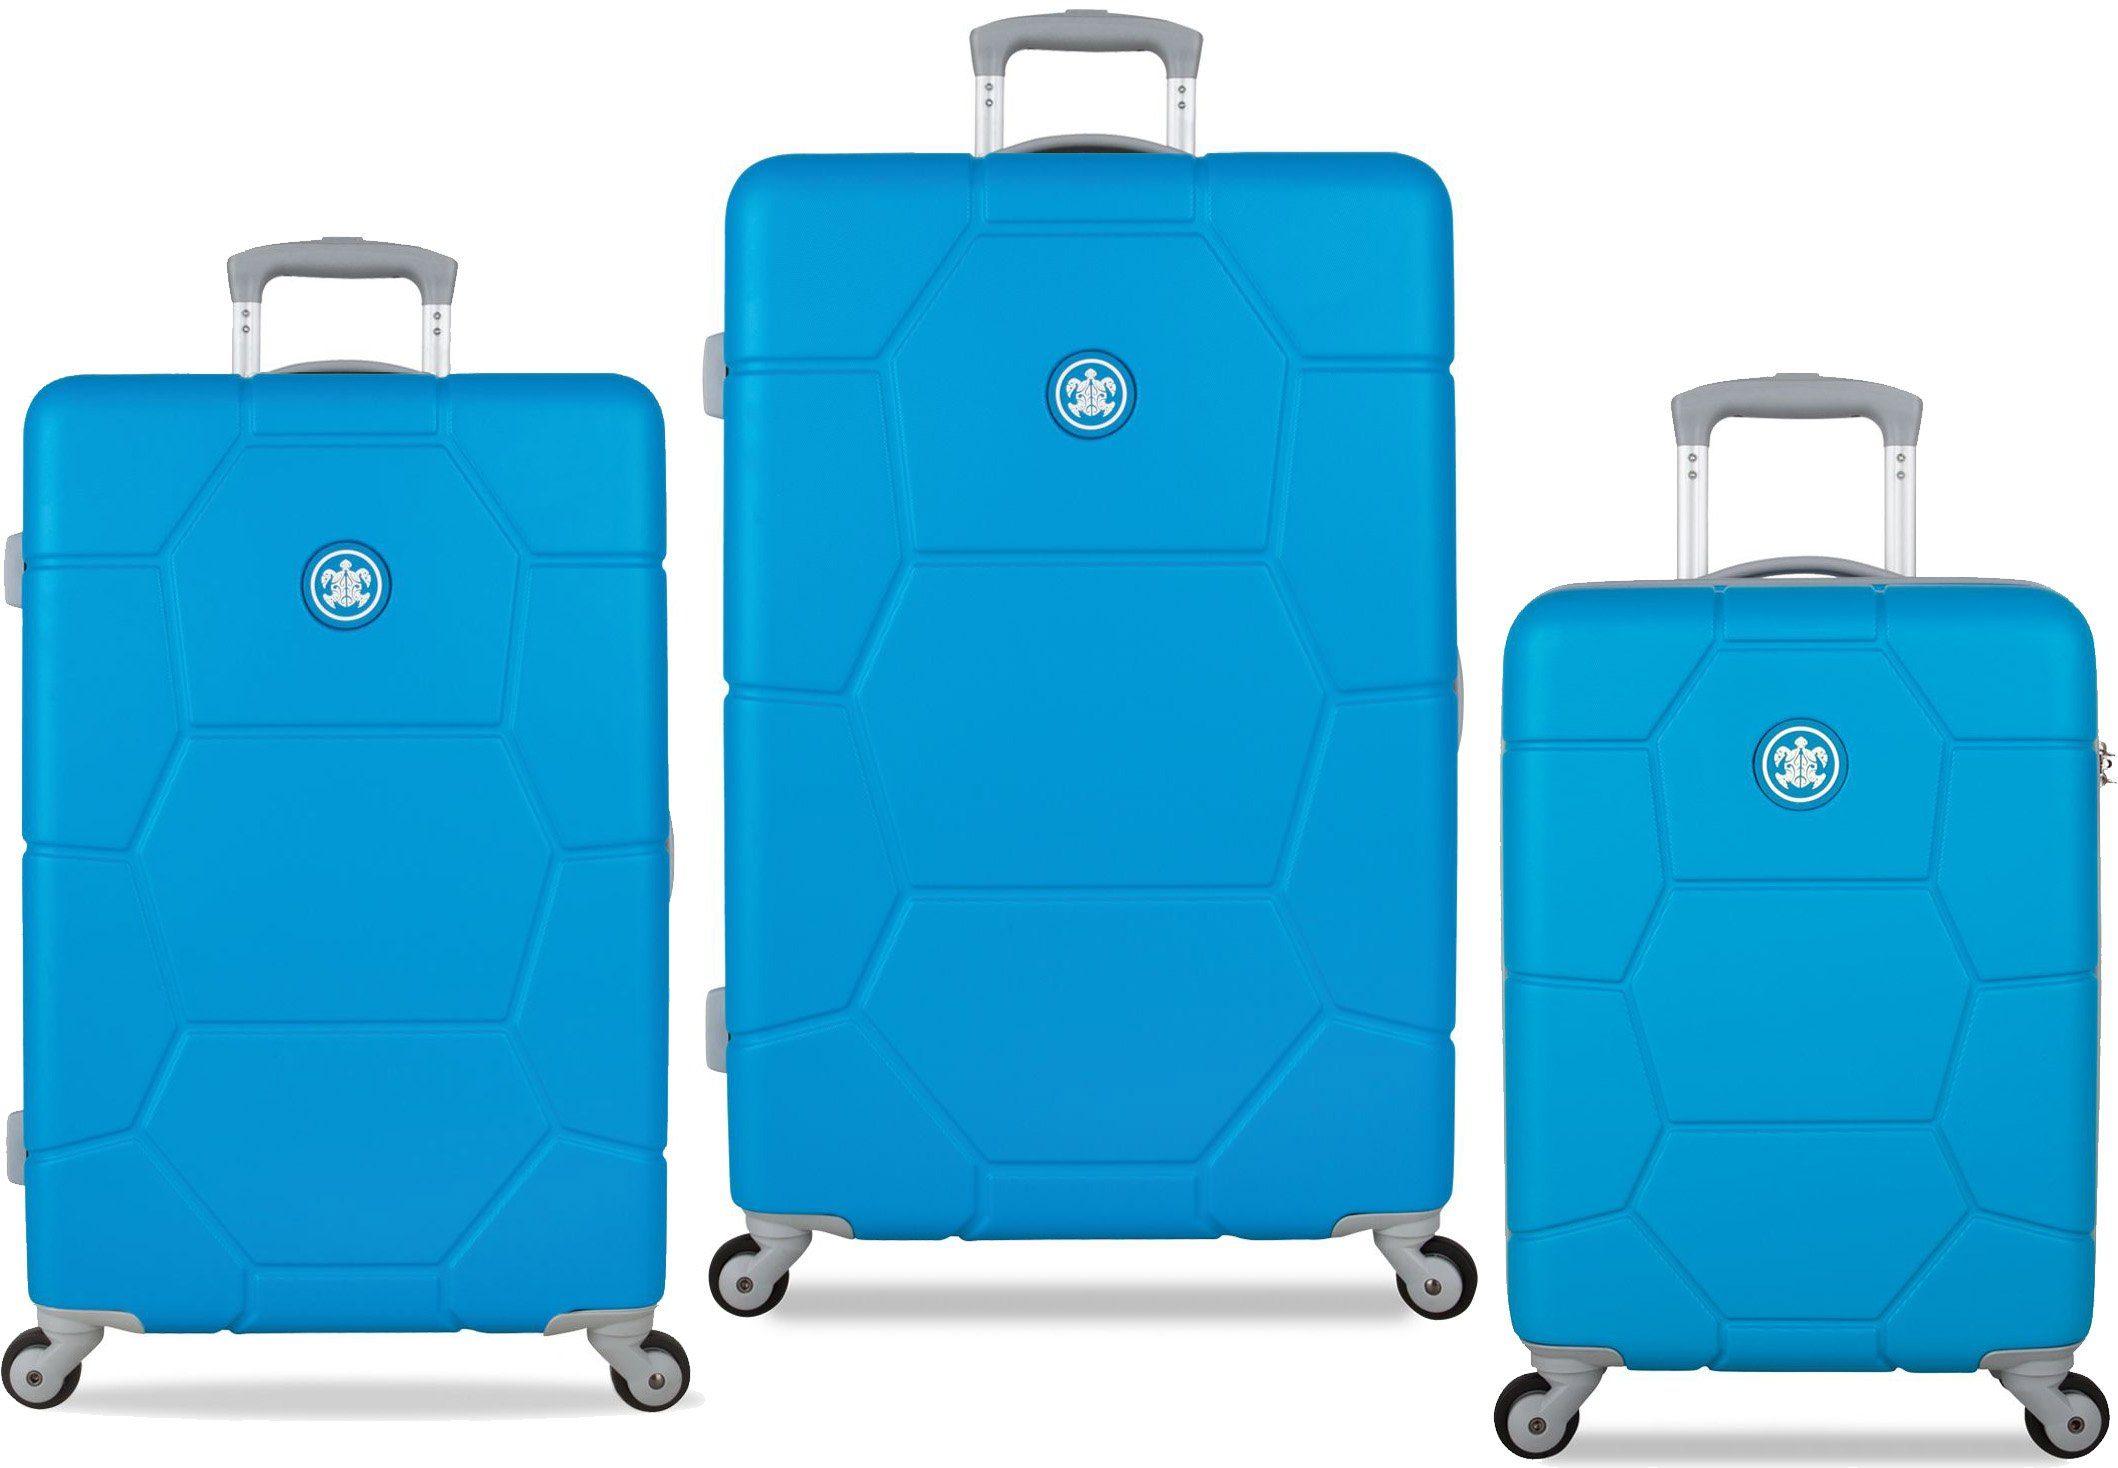 SUITSUIT® Hartschalentrolley Set mit 4 Rollen, 3-tlg., »Caretta Blue Mint«